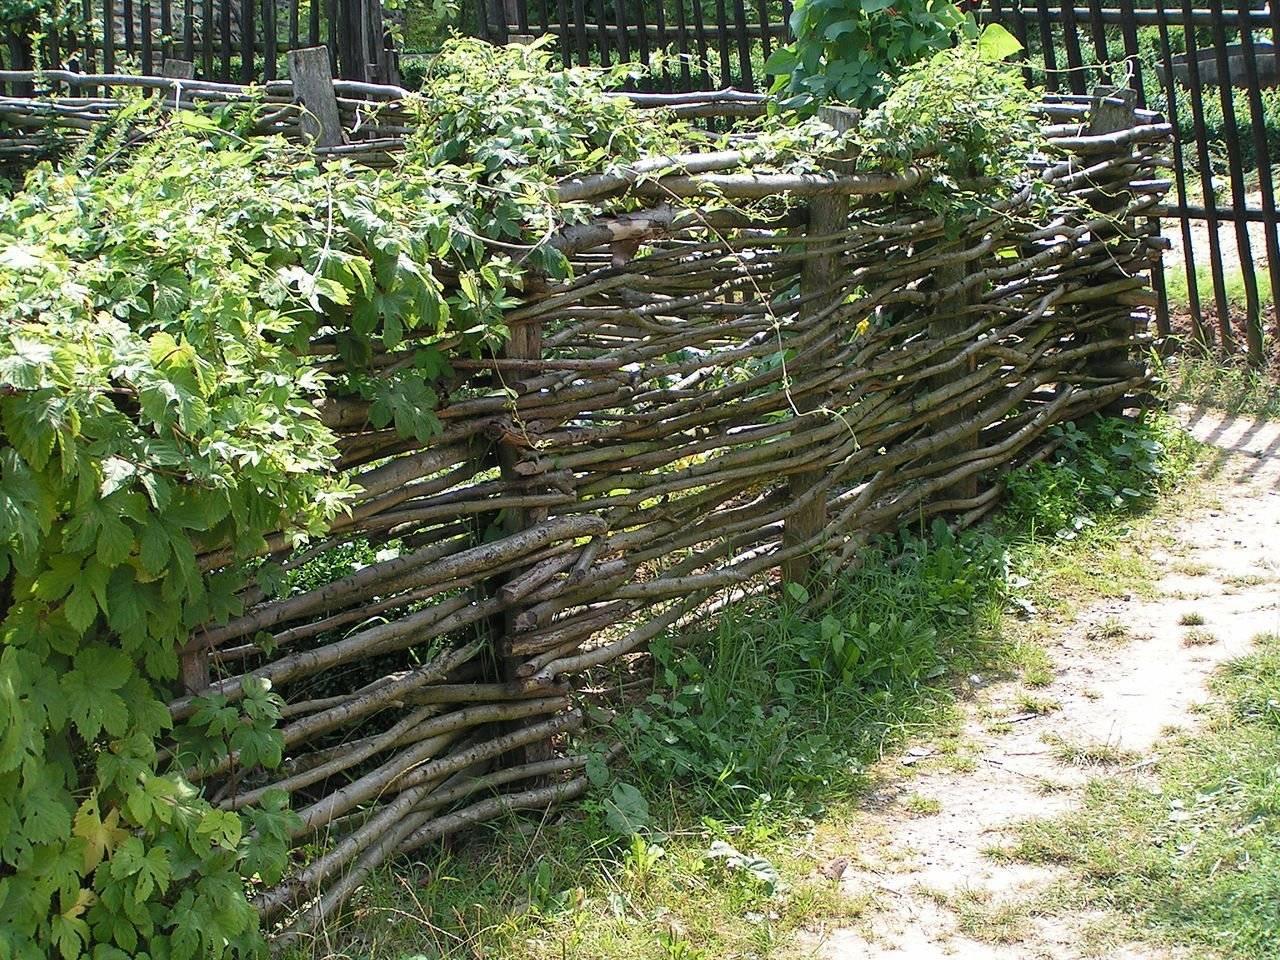 Плетеный забор (44 фото): австрийская плетенка из досок и пвх, декоративные деревянные ворота-плетень из ивы и дерева